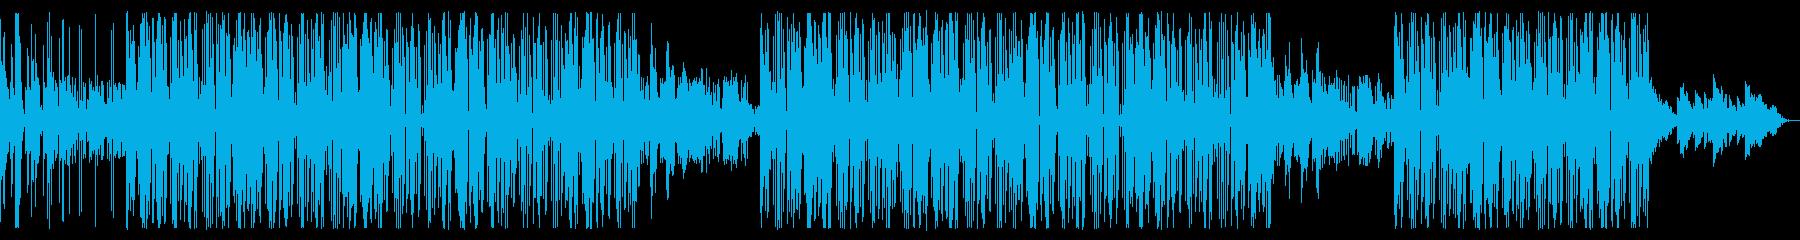 家に自粛して寂しいLofiトラップビートの再生済みの波形